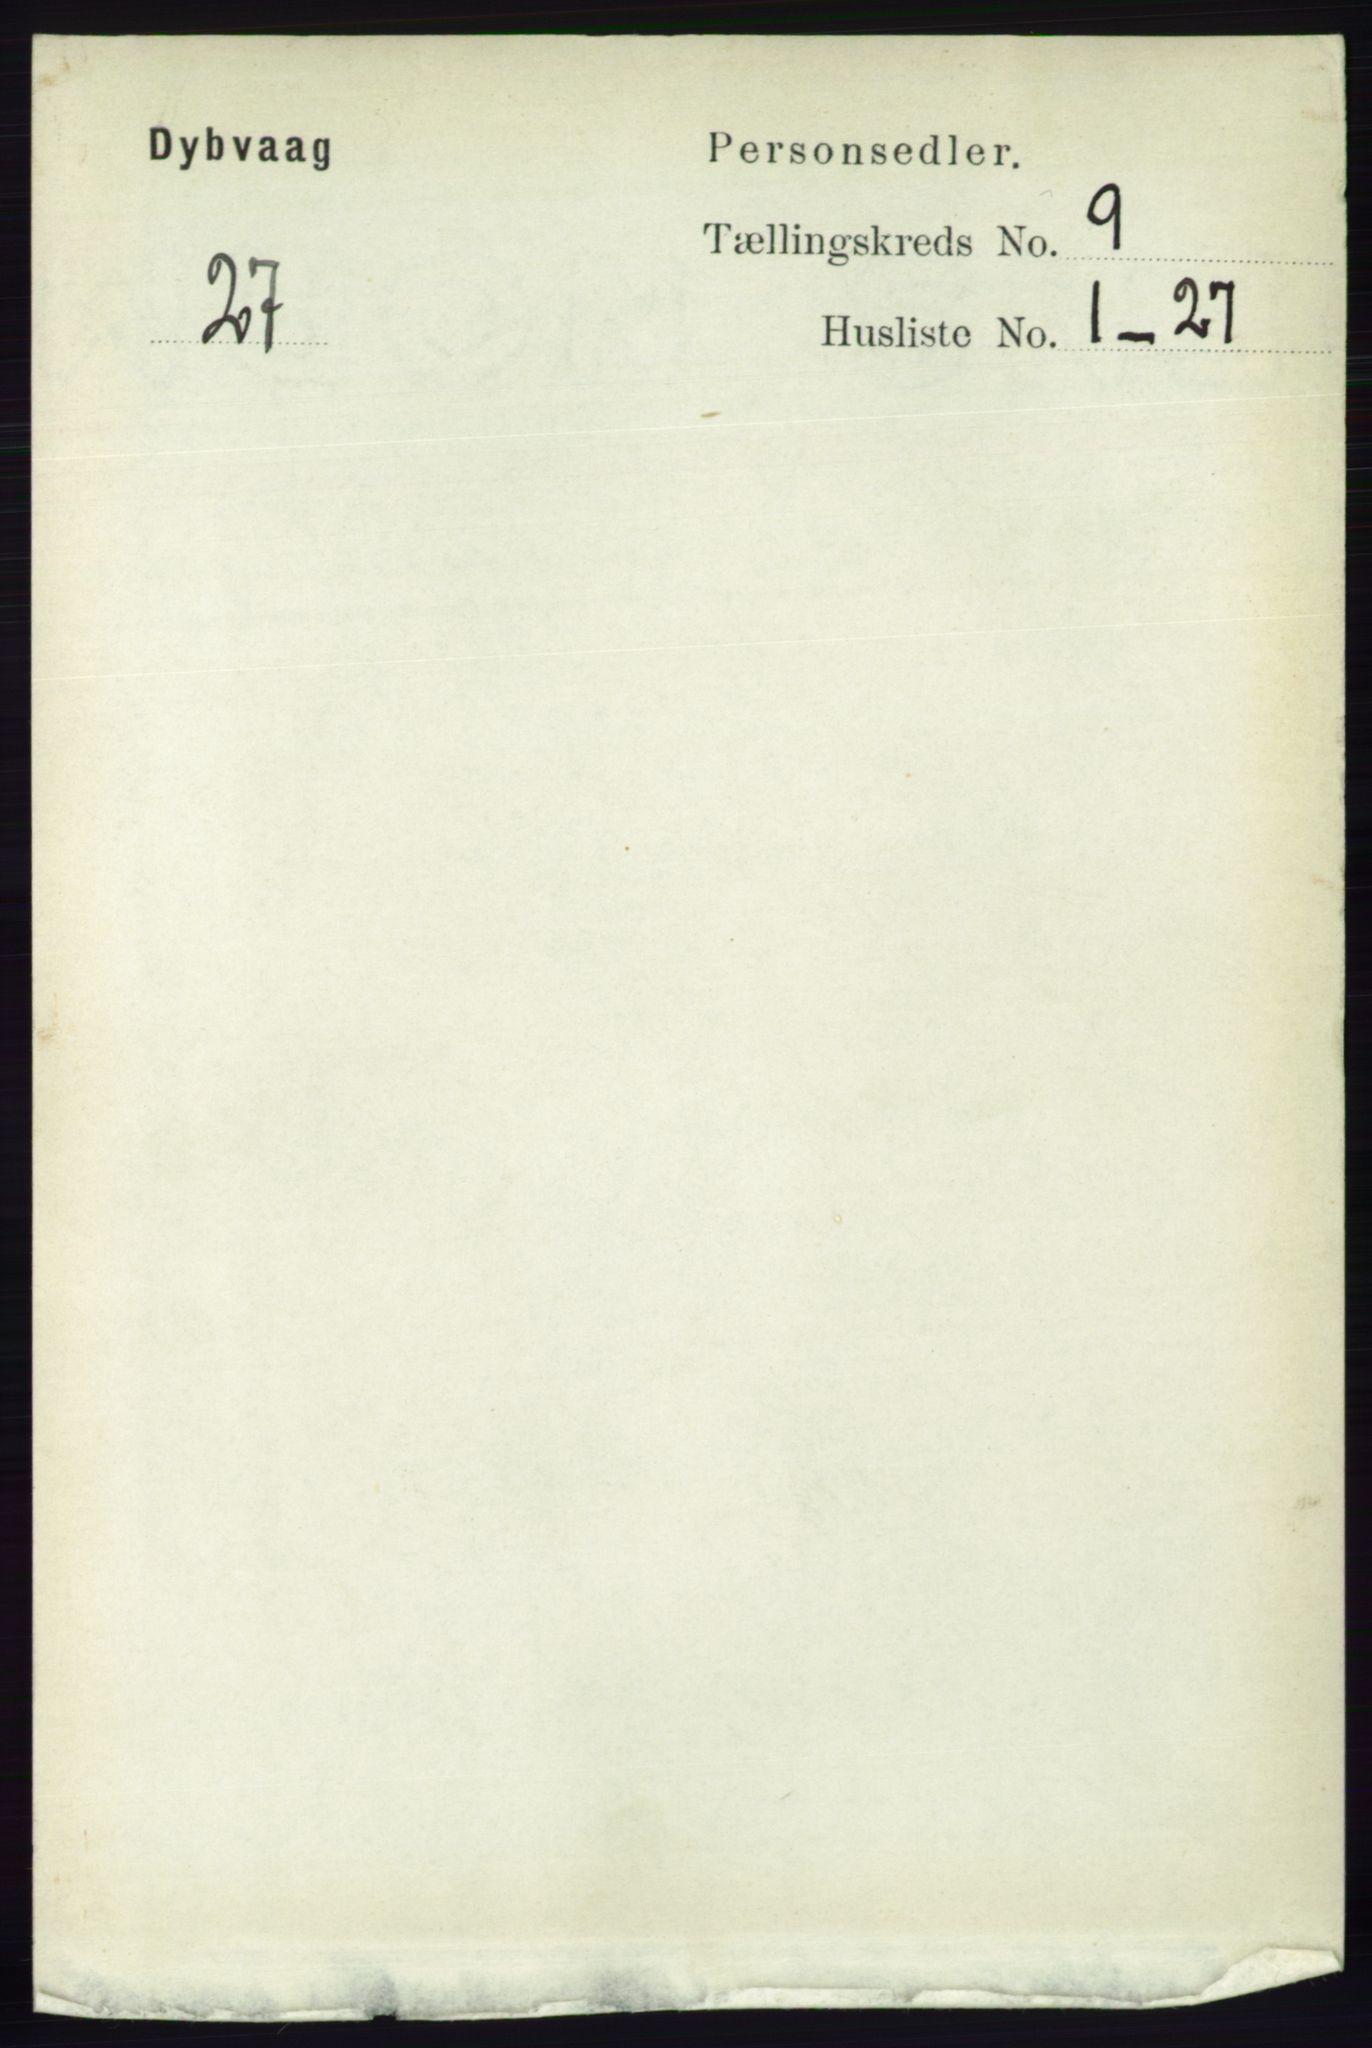 RA, Folketelling 1891 for 0915 Dypvåg herred, 1891, s. 3278